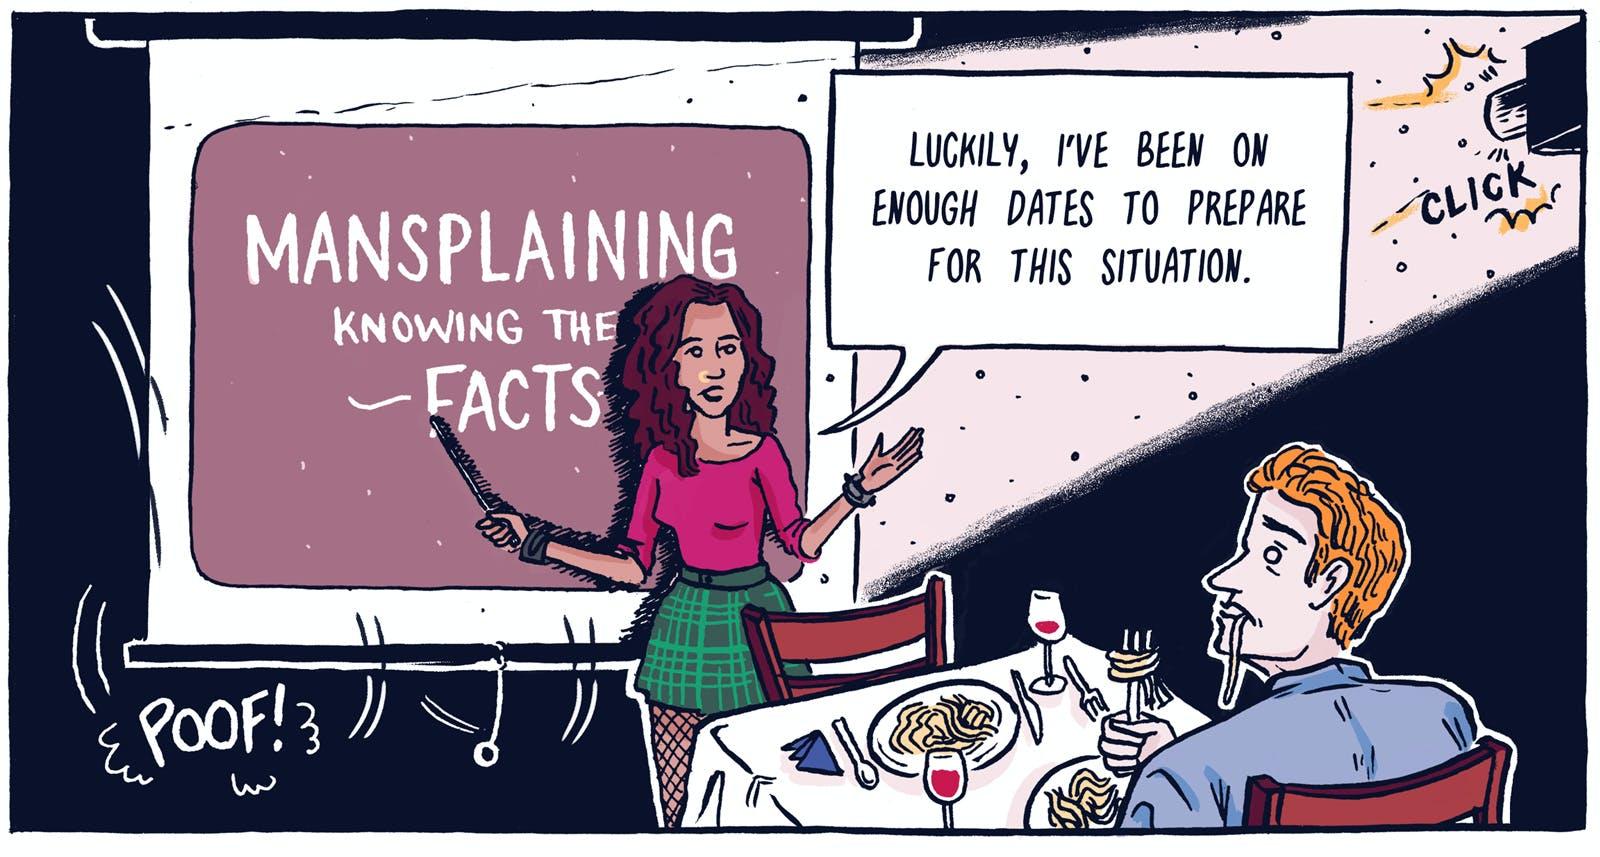 explaining mansplaining